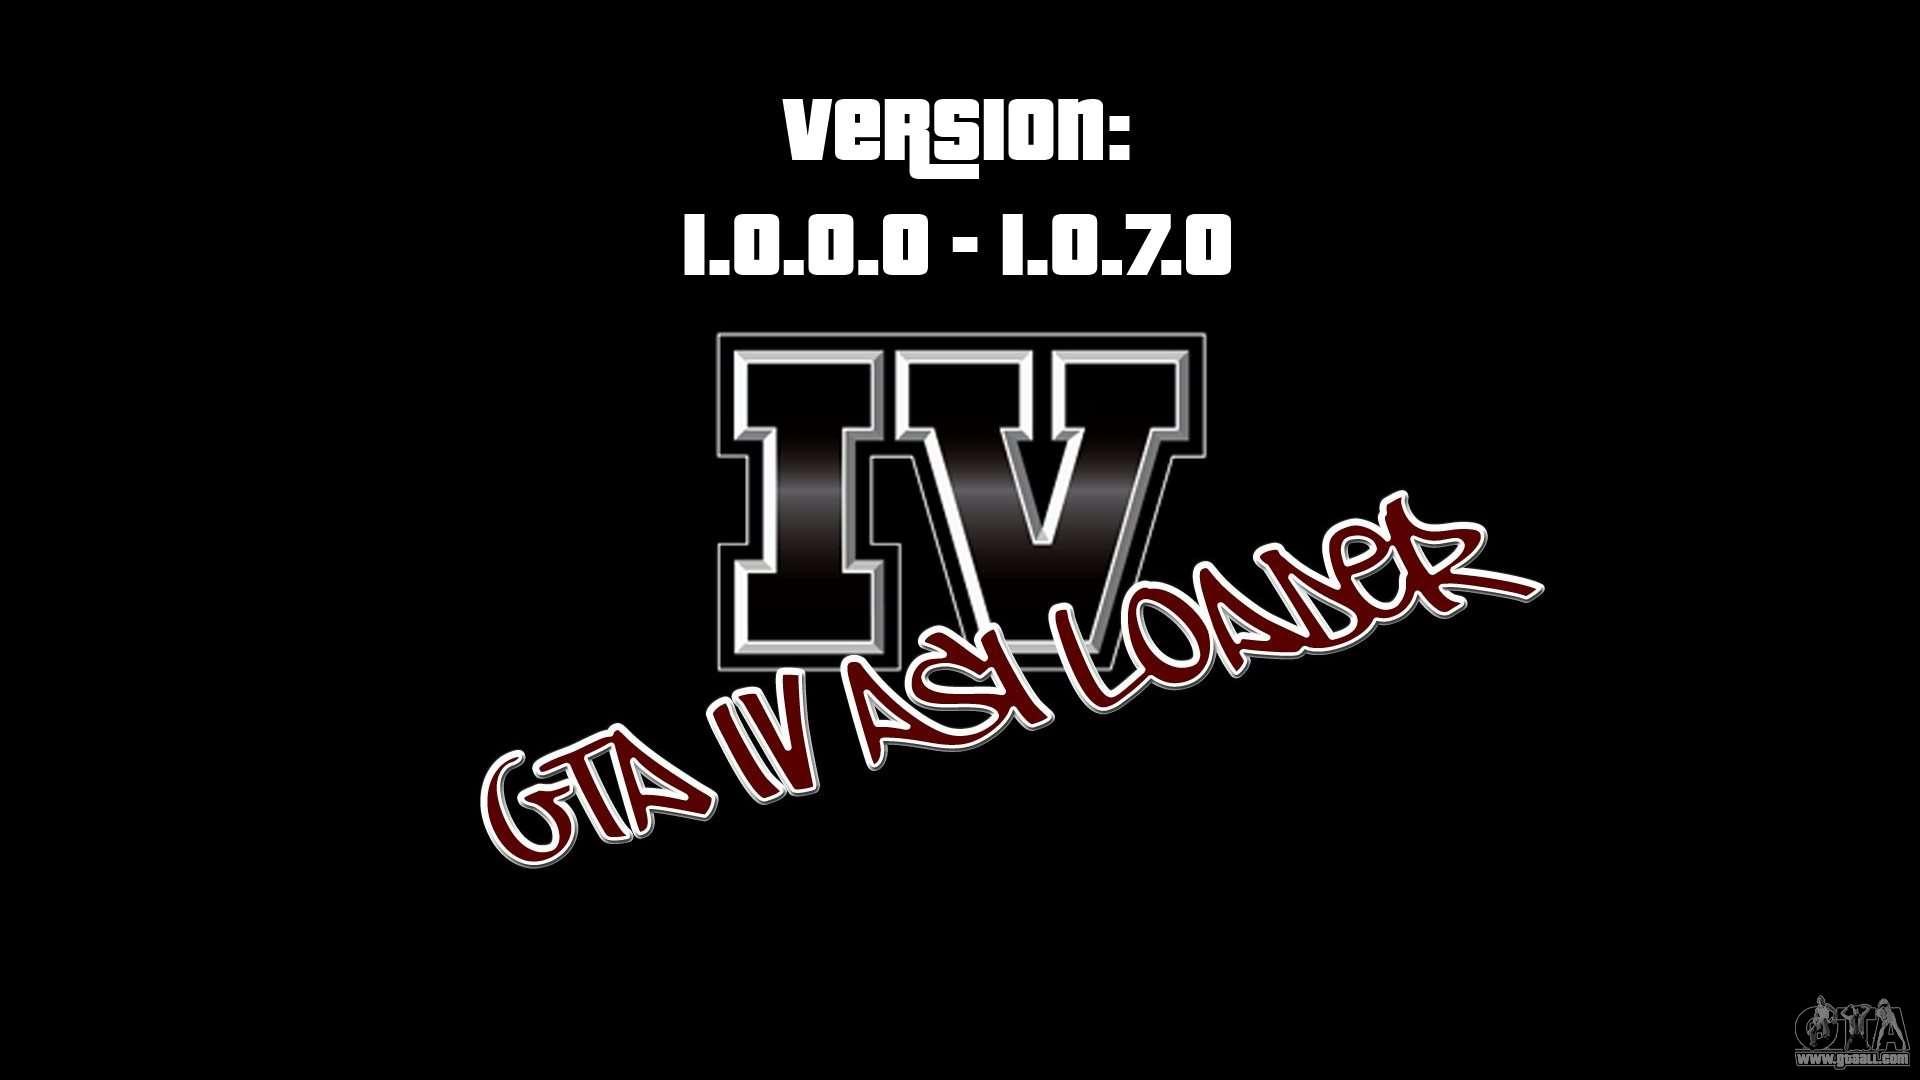 ASI Loader for GTA IV 1 0 7 0-EN 1 0 0 0 for GTA 4